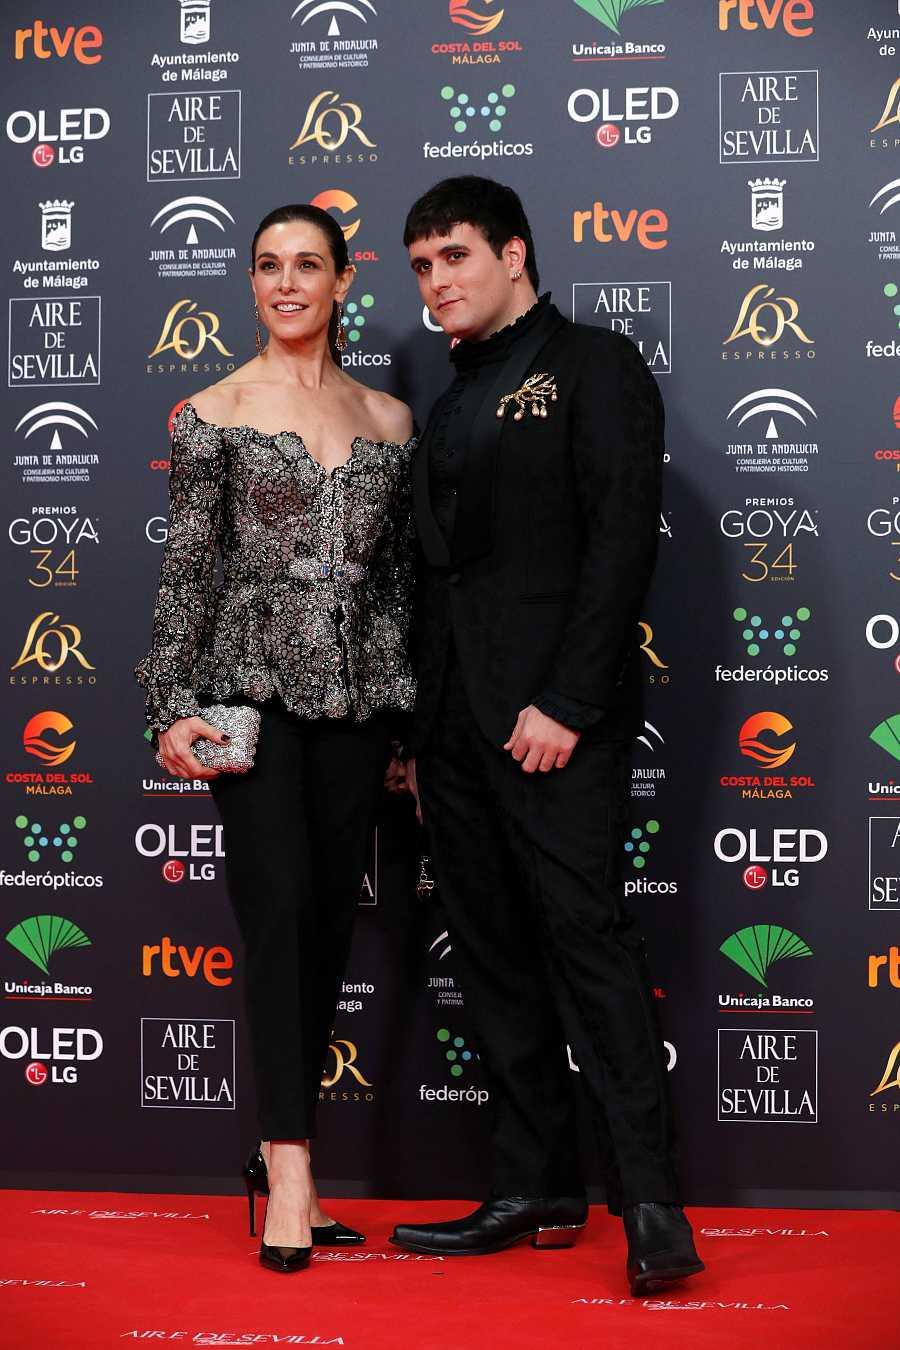 Premios Goya 2020: Raquel Sanchez Silva y Palomo Spain